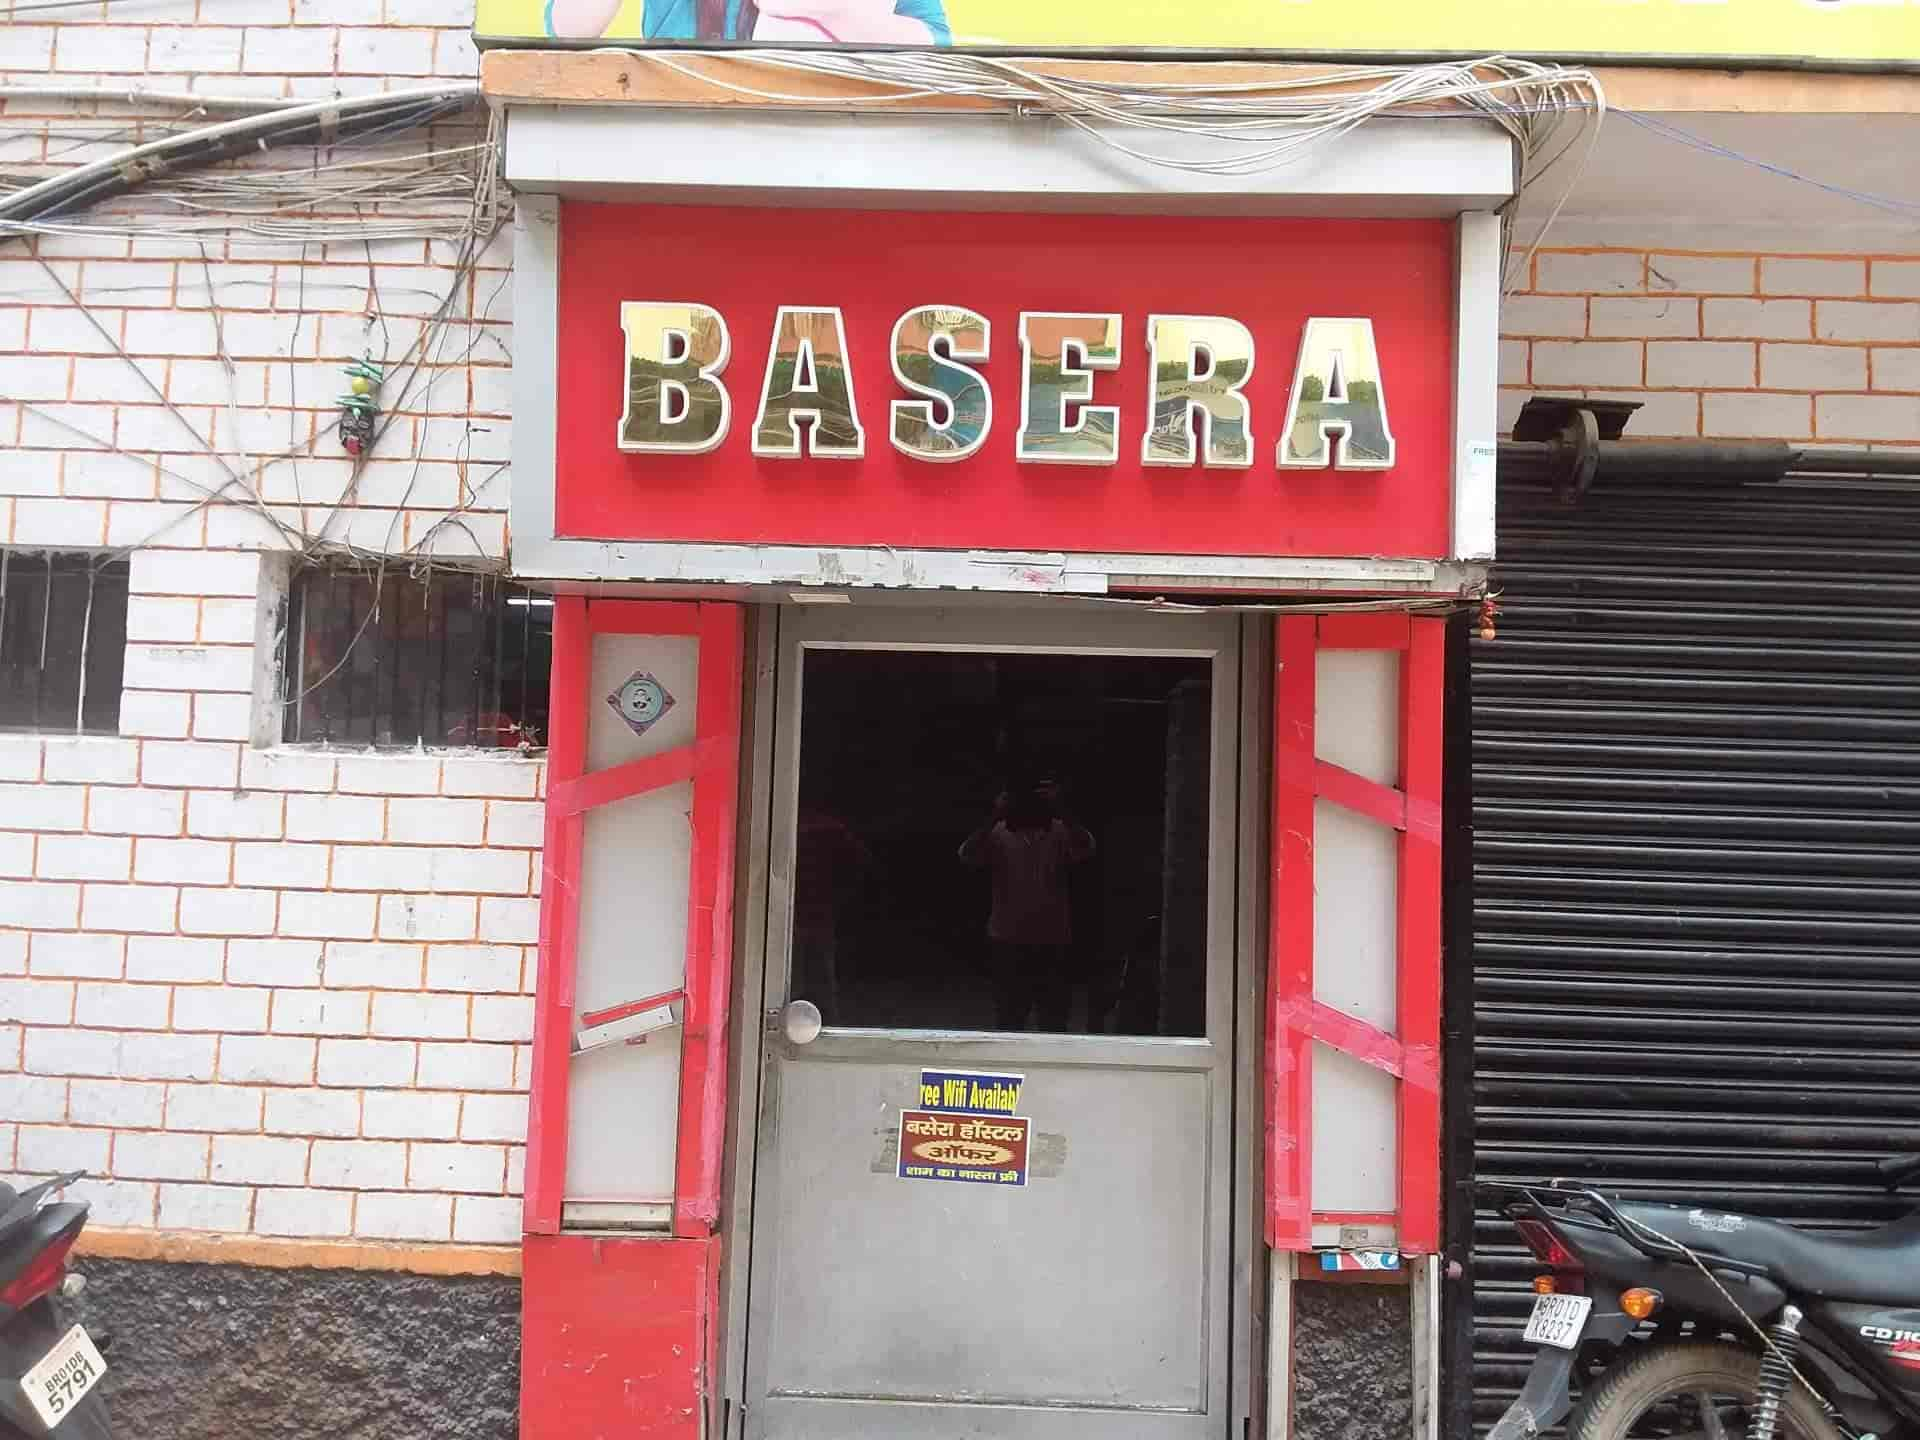 Basera Girls Hostel, Machuatoli - Paying Guest Accommodations in Patna -  Justdial